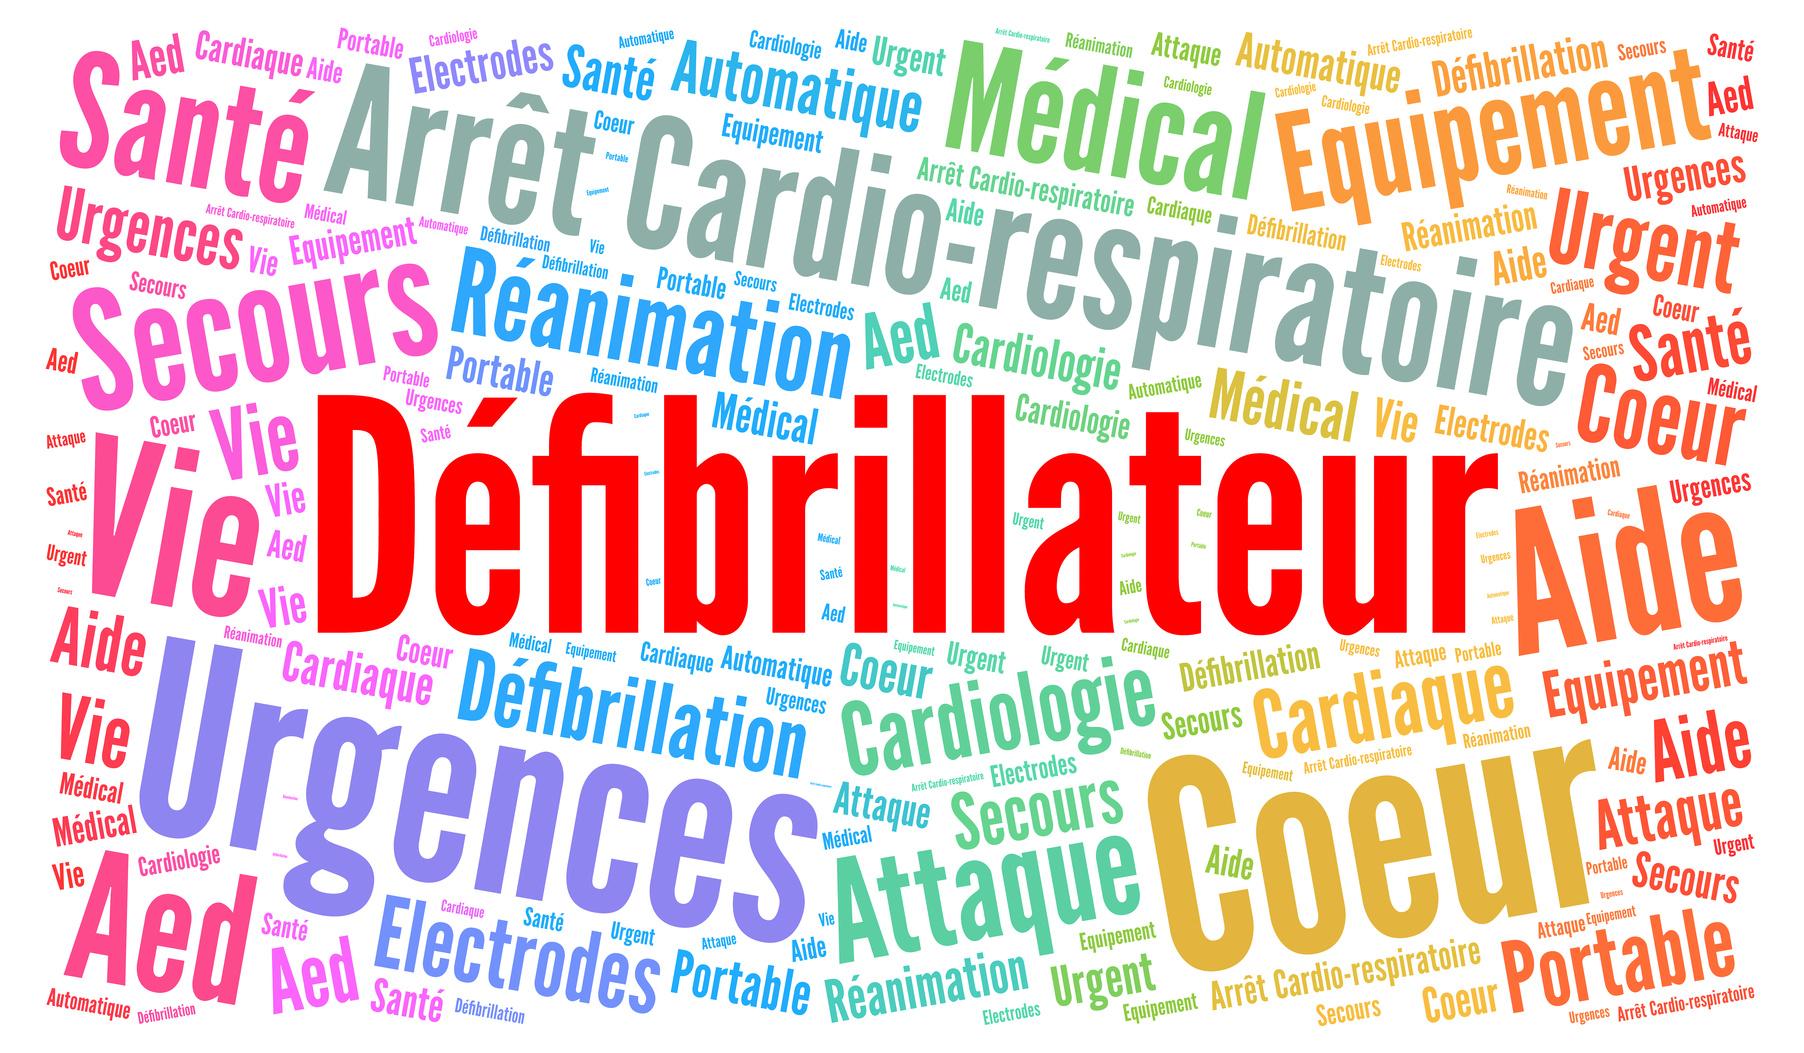 致死性不整脈に有効な植え込み型除細動器の手術では、手術件数が多い名医の方が合併症が少ない!